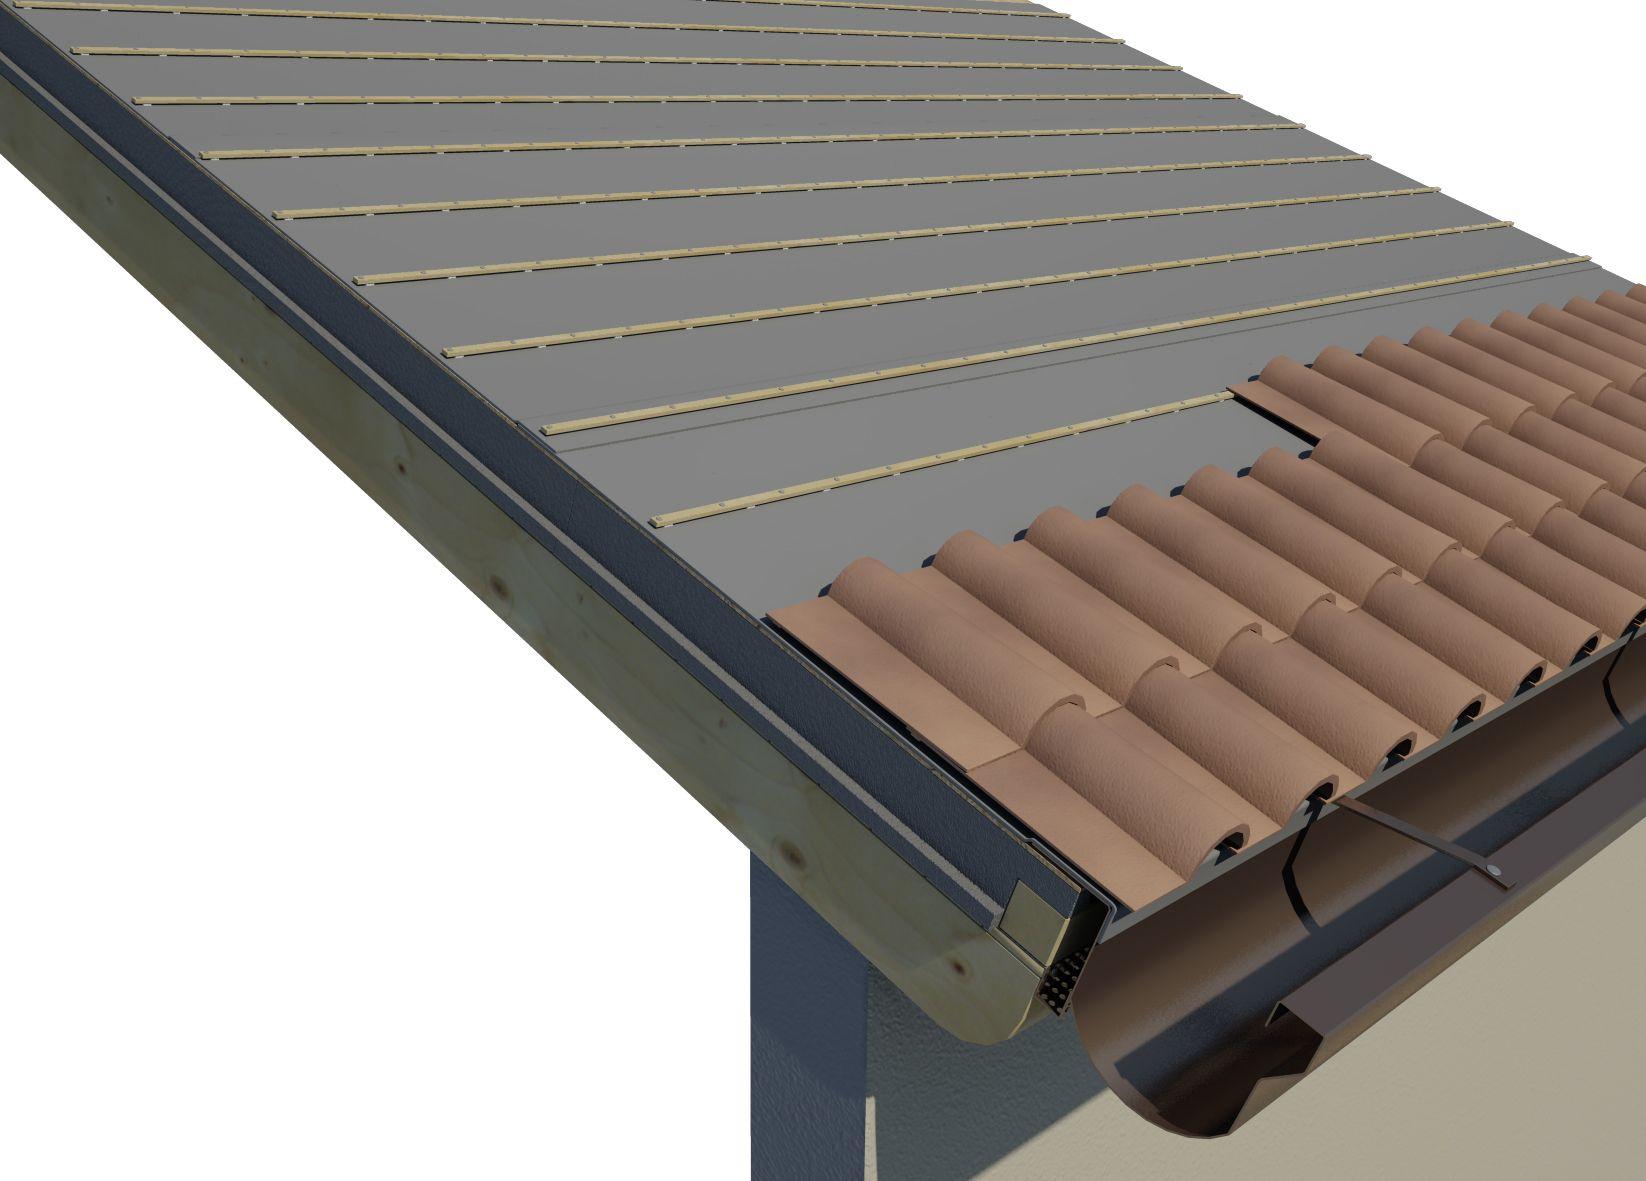 Airek sistema per tetto ventilato by re pack - Copertura a tetto ...